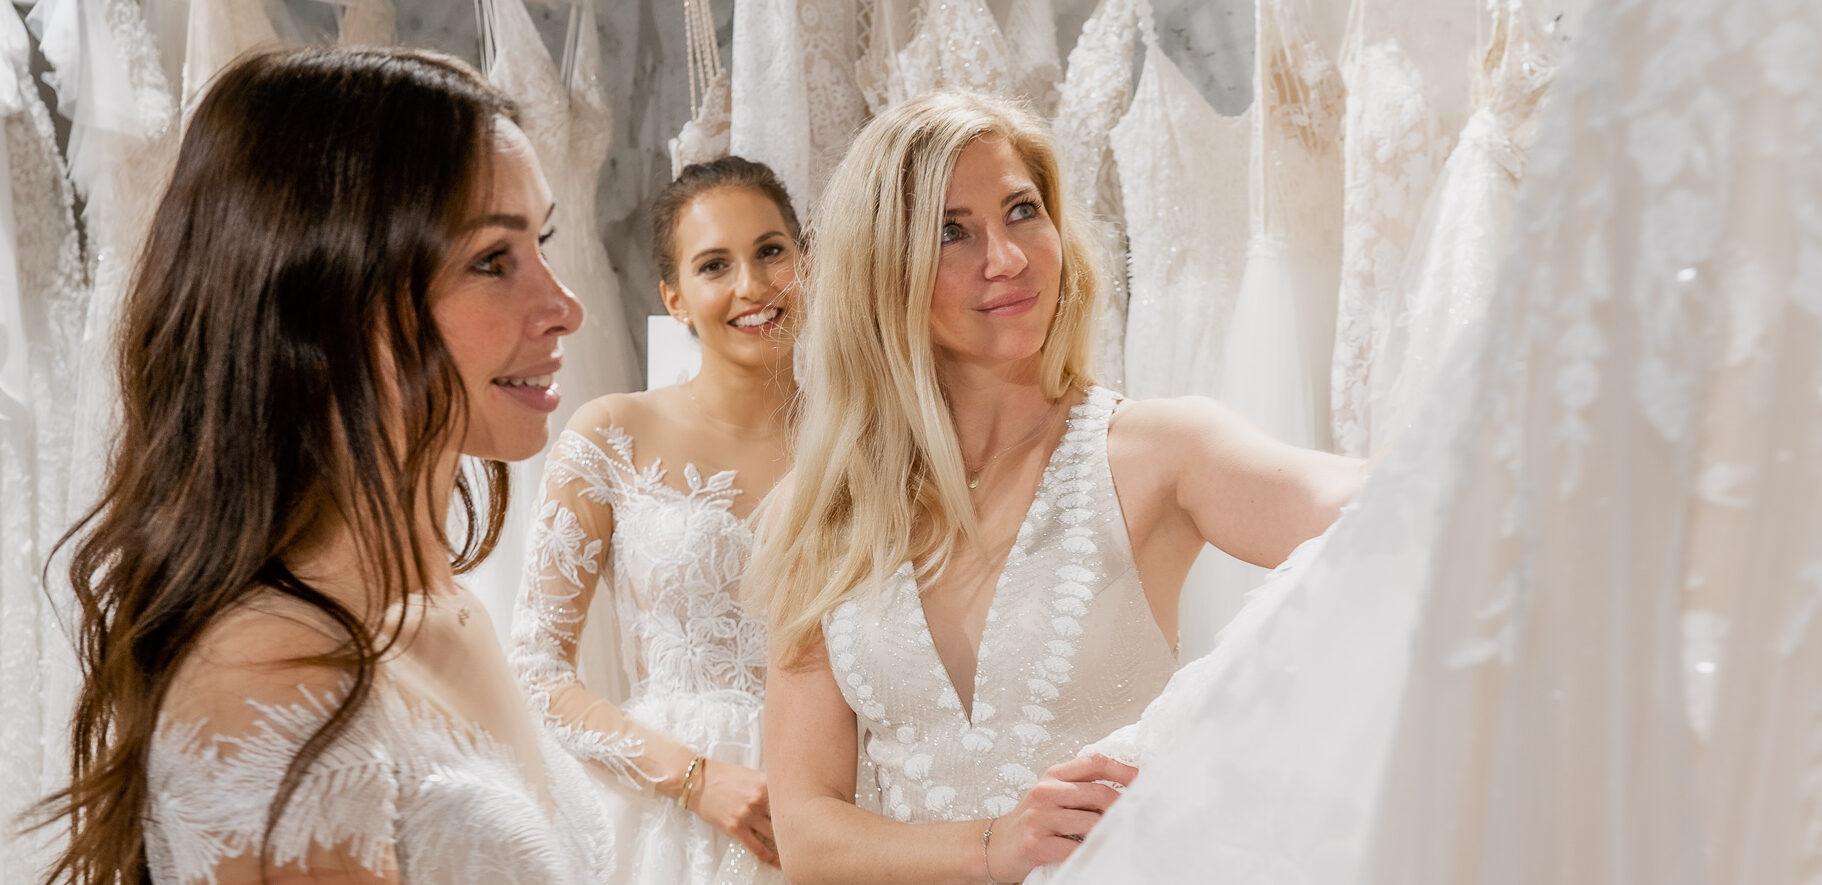 Brautkleider Gießen, Brautmodetrends, Brautmodegeschäft